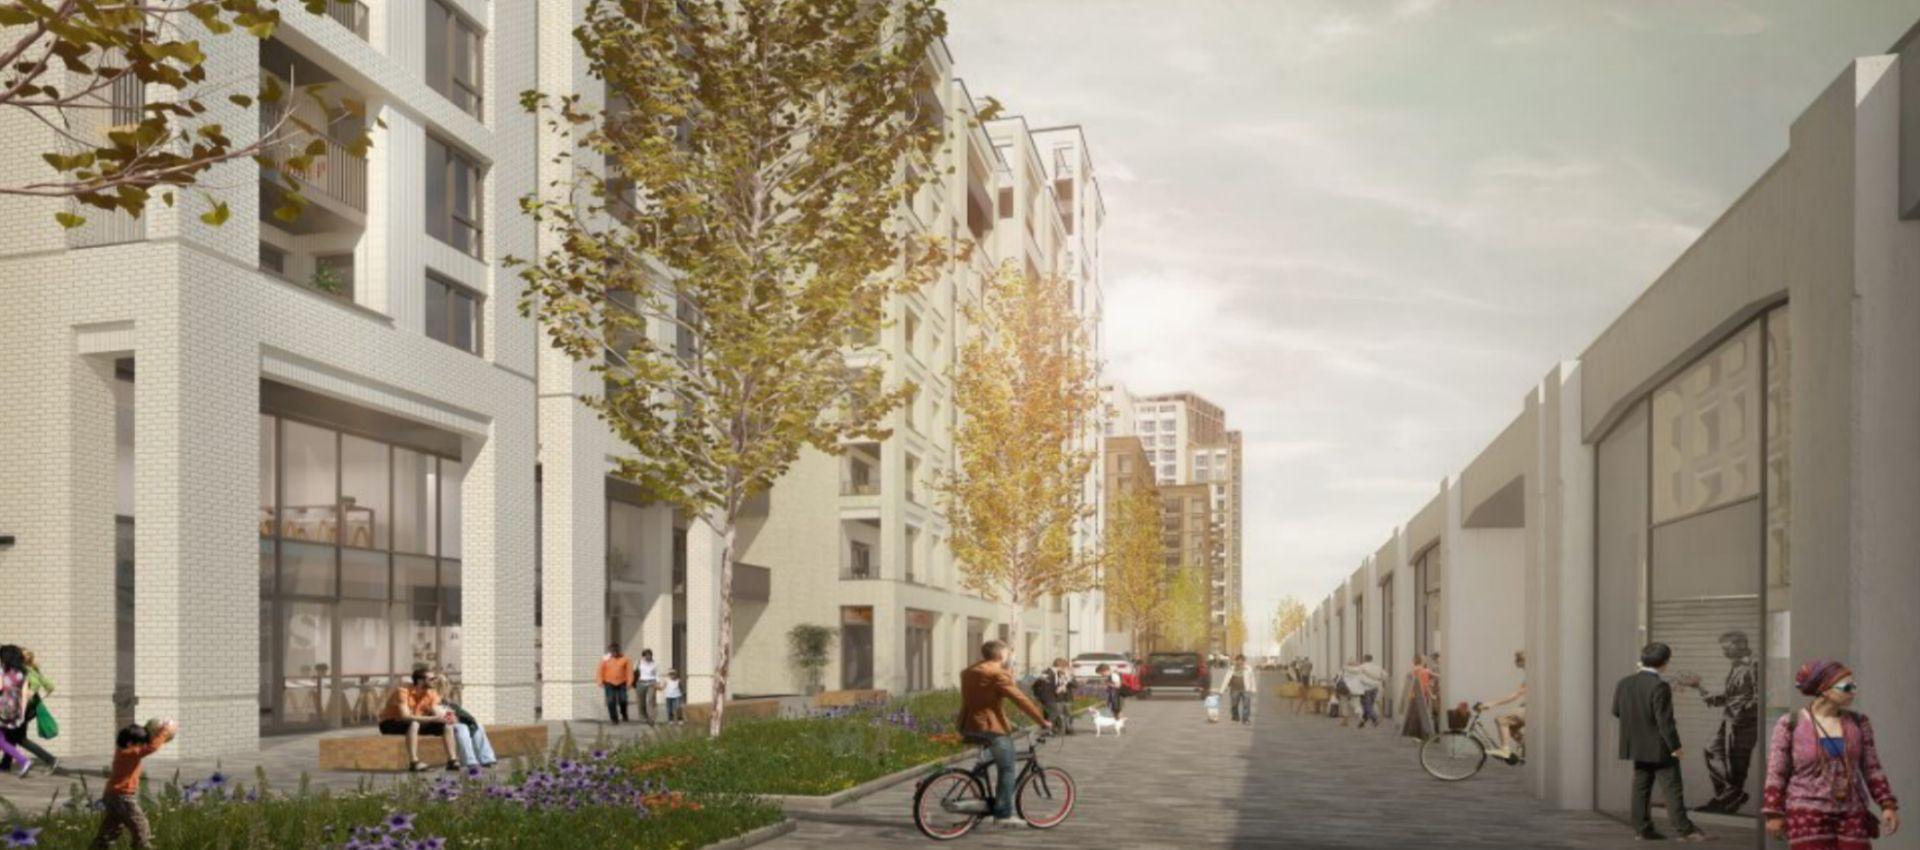 2-brunel-street-works